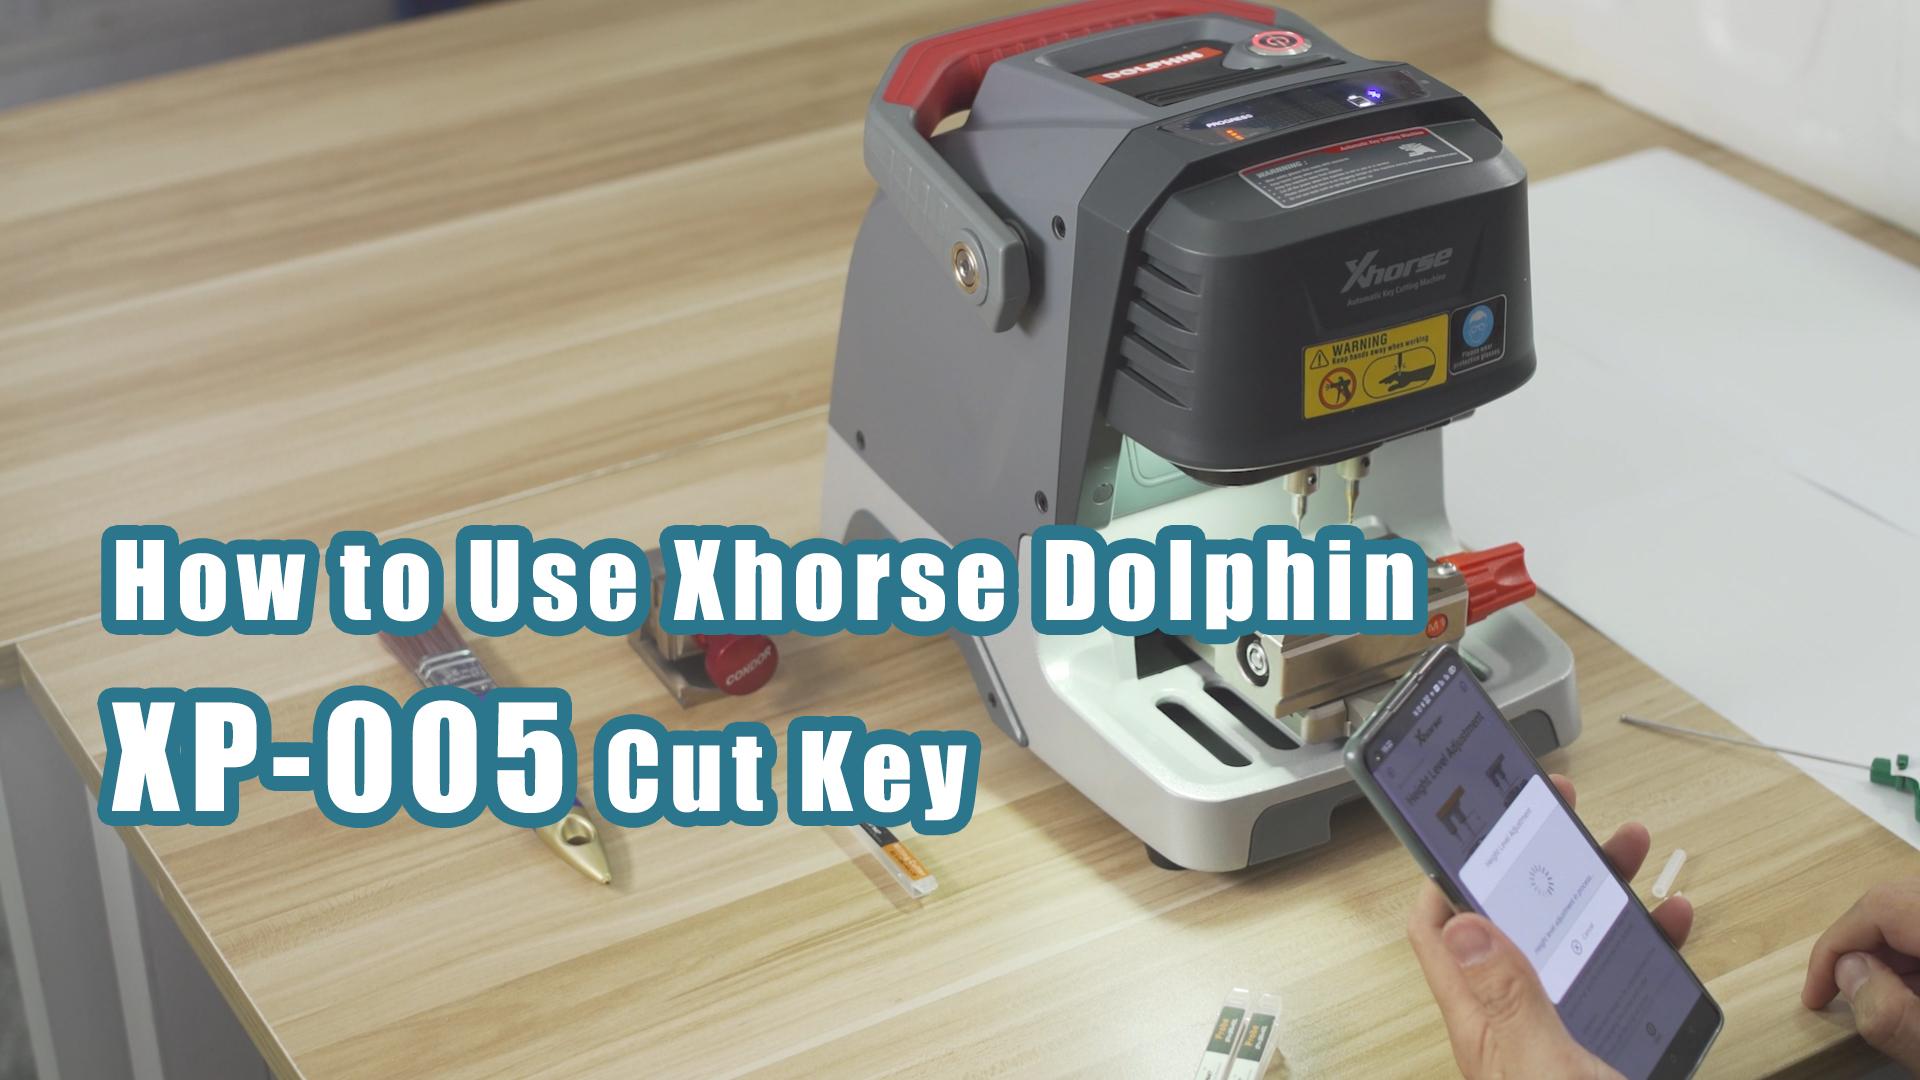 xhorse dolphin xp-005 cut key